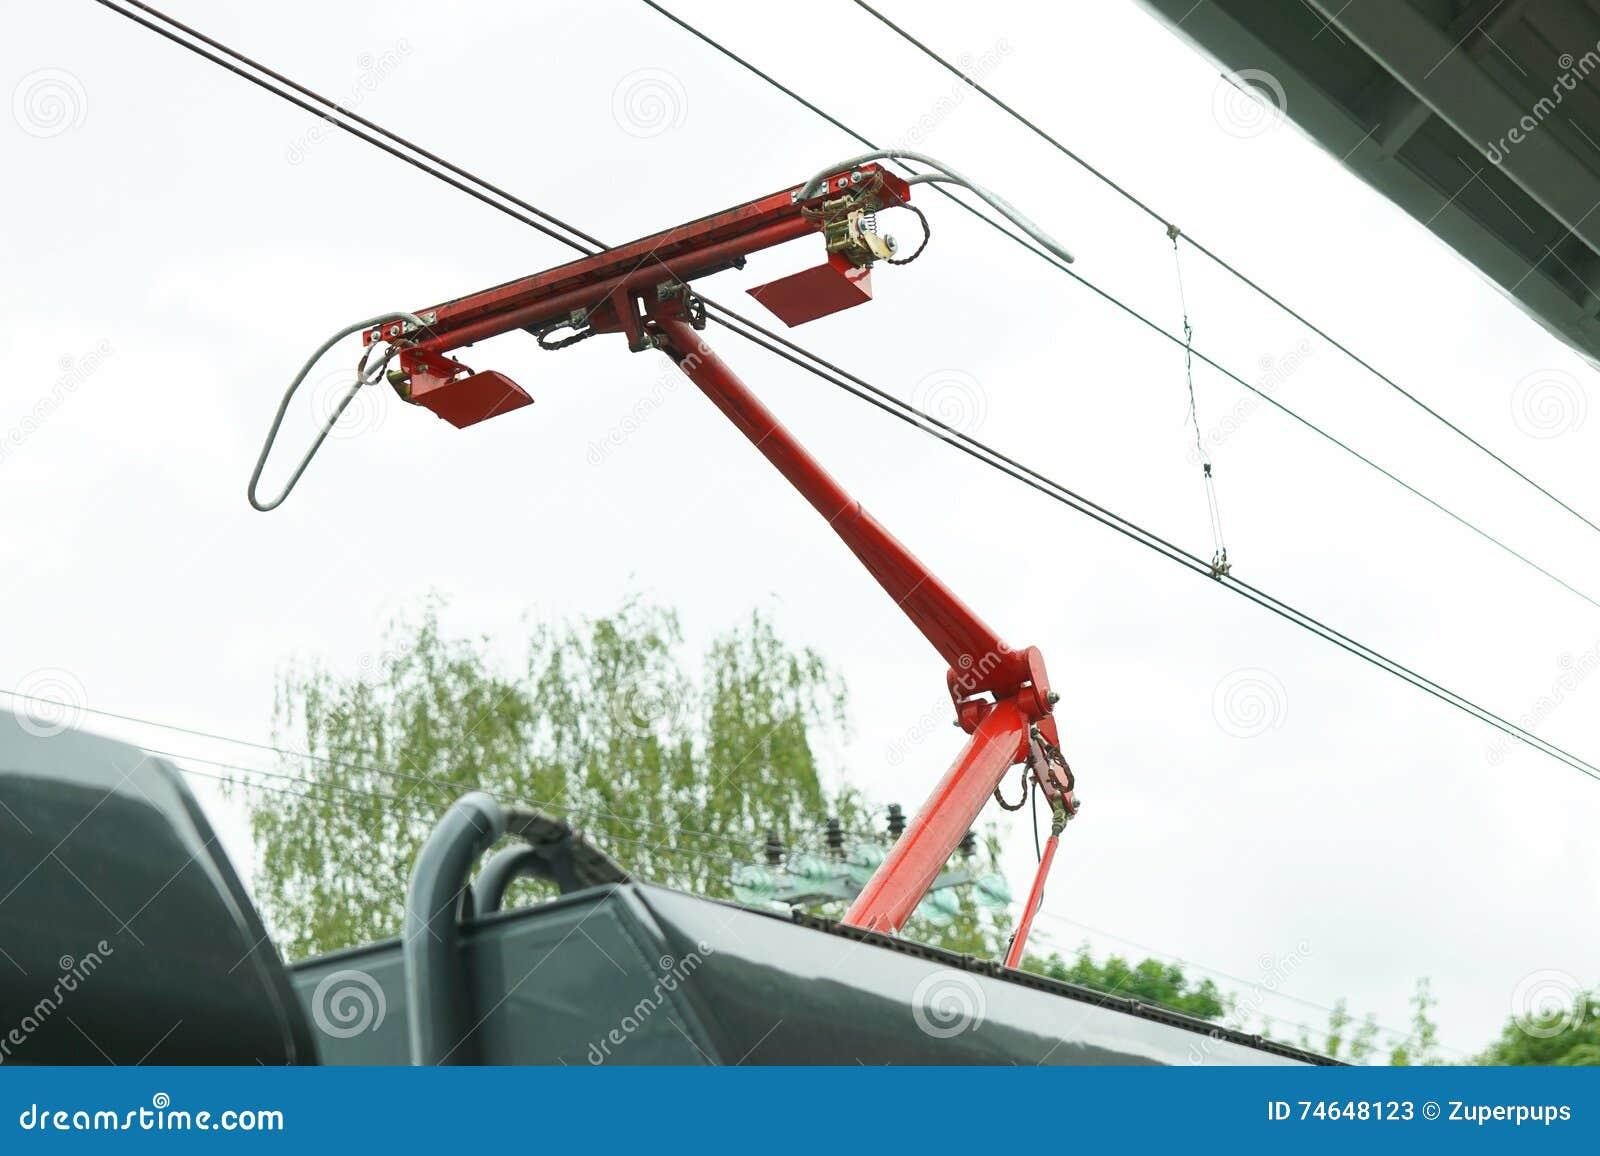 Pantograph elektrisch